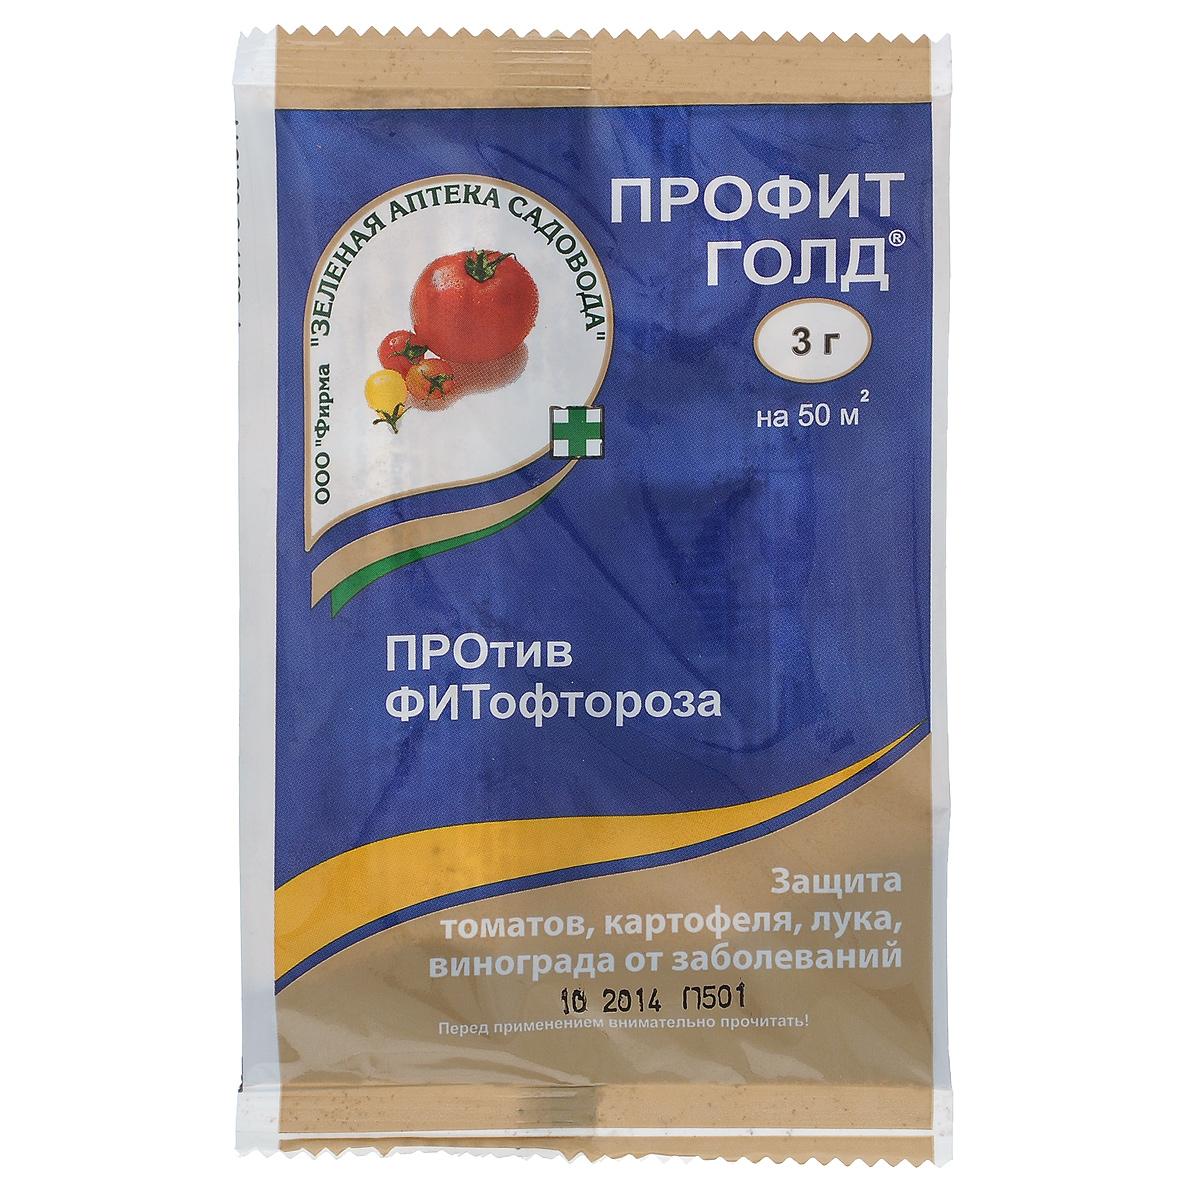 Средство Профит Голд, против фитофтороза, 3 г8-422427Средство Профит Голд выполнено в виде порошка и предназначено для защиты томатов, картофеля, лука, винограда от заболеваний. Первое опрыскивание рекомендуется проводить профилактически, до появления признаков заболевания. Последующие с интервалом 8-12 дней. Вес: 3 г. Площадь покрытия: 50 м2.